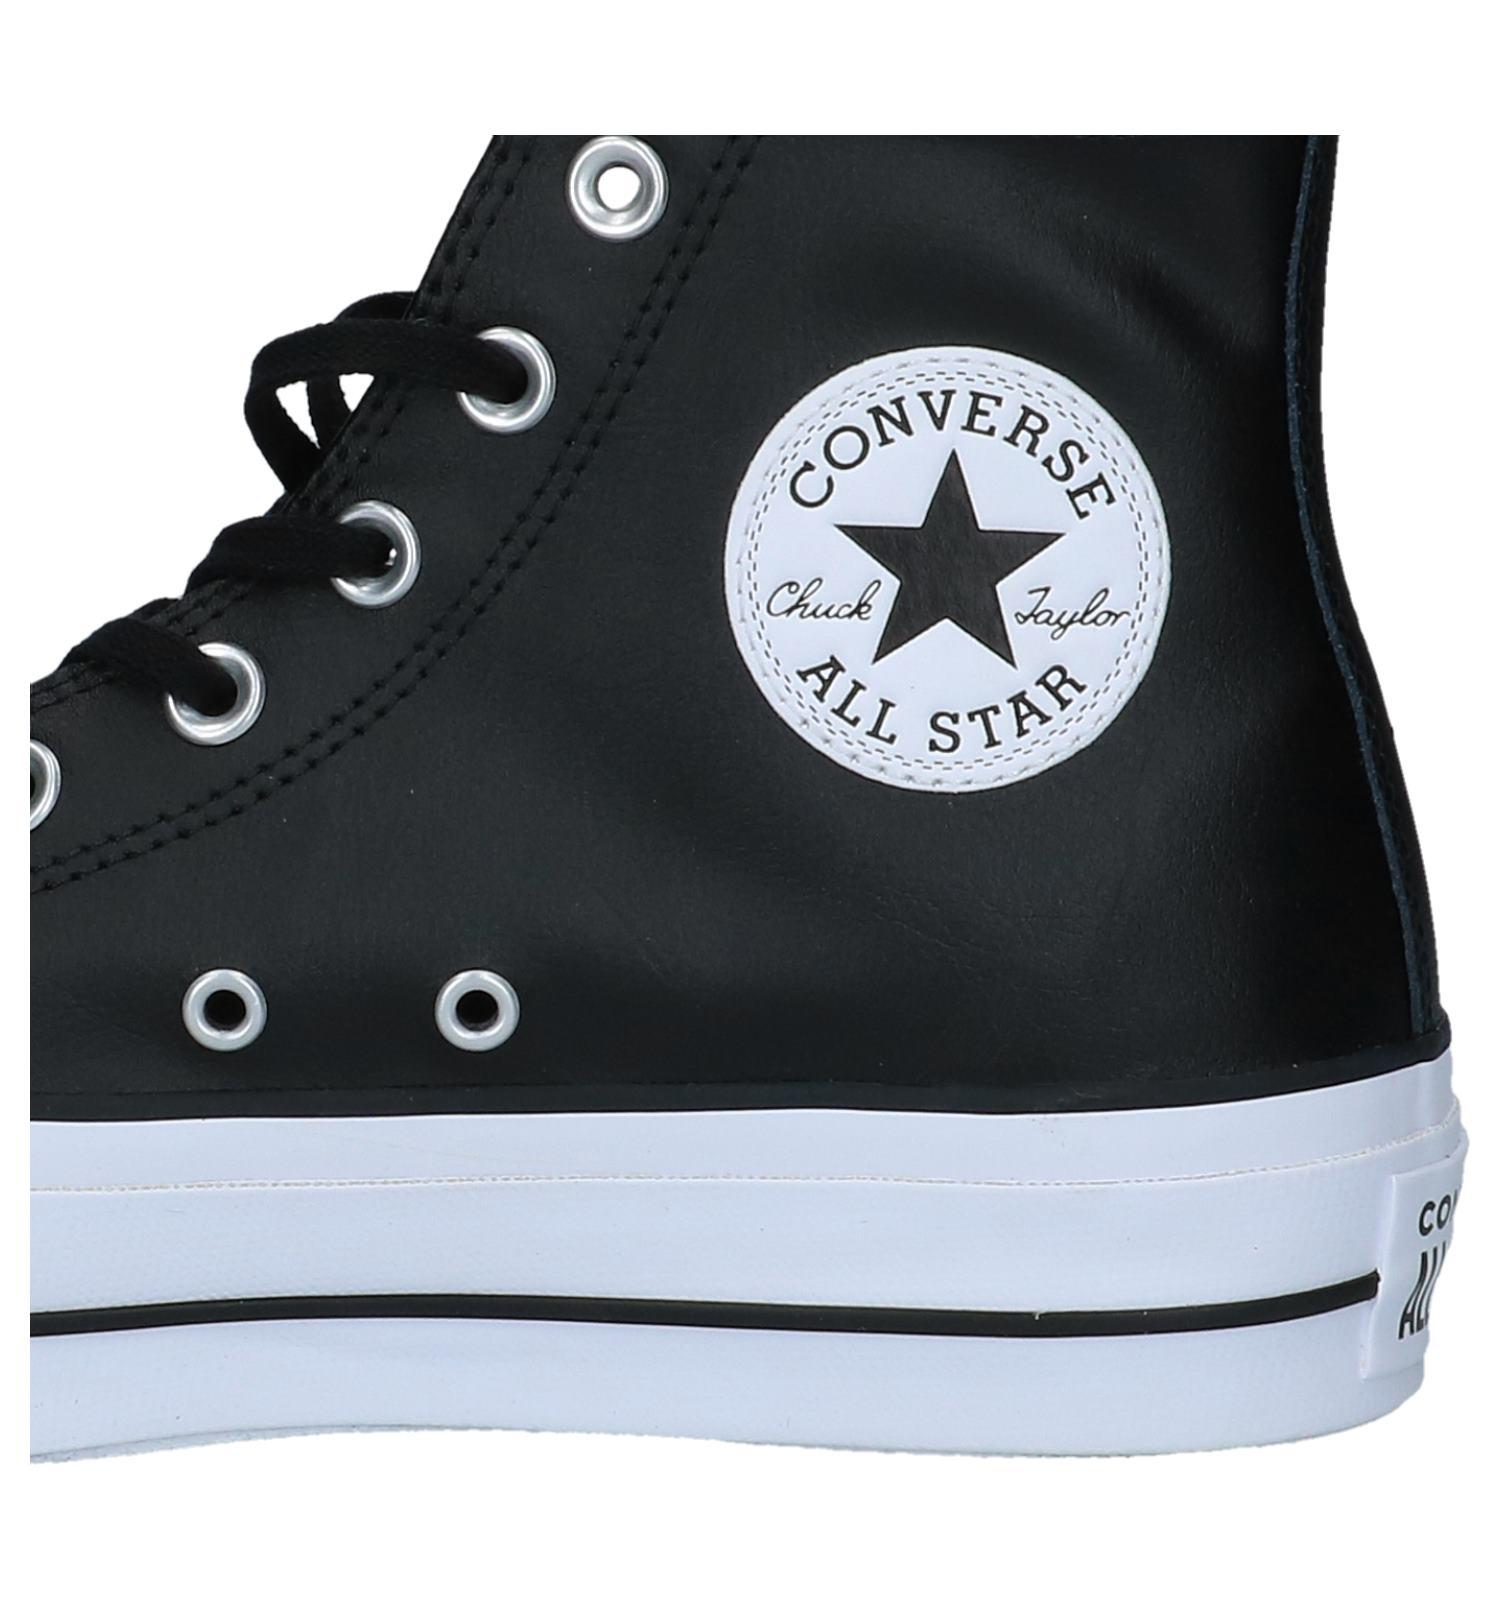 a004c068c6c Converse Chuck Taylor All Star Lift Clean Zwarte Sneakers   TORFS.BE    Gratis verzend en retour